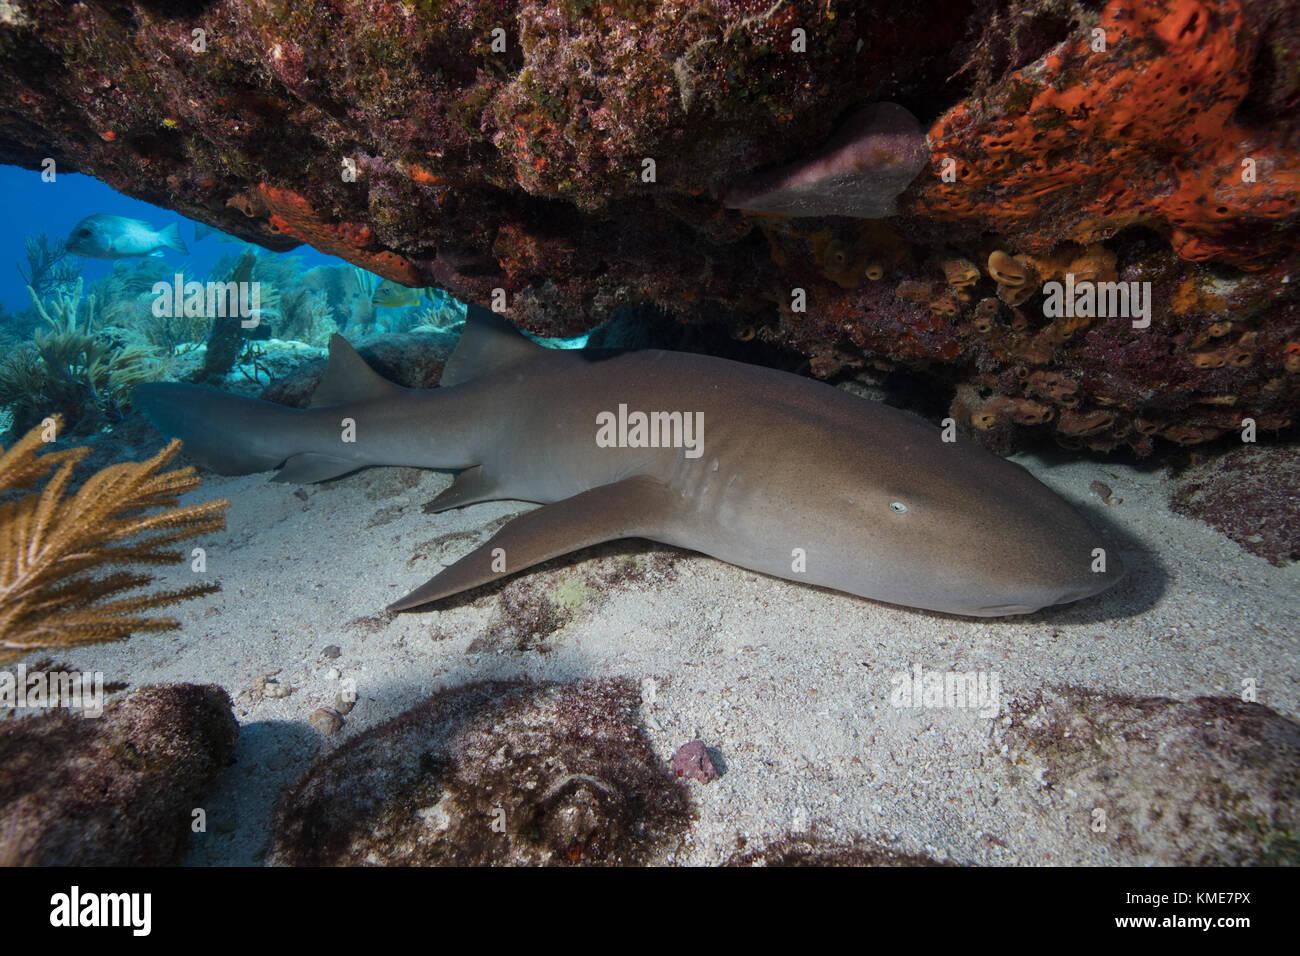 Un tiburón nodriza descansa sobre un fondo de arena bajo una cornisa de coral. Foto de stock